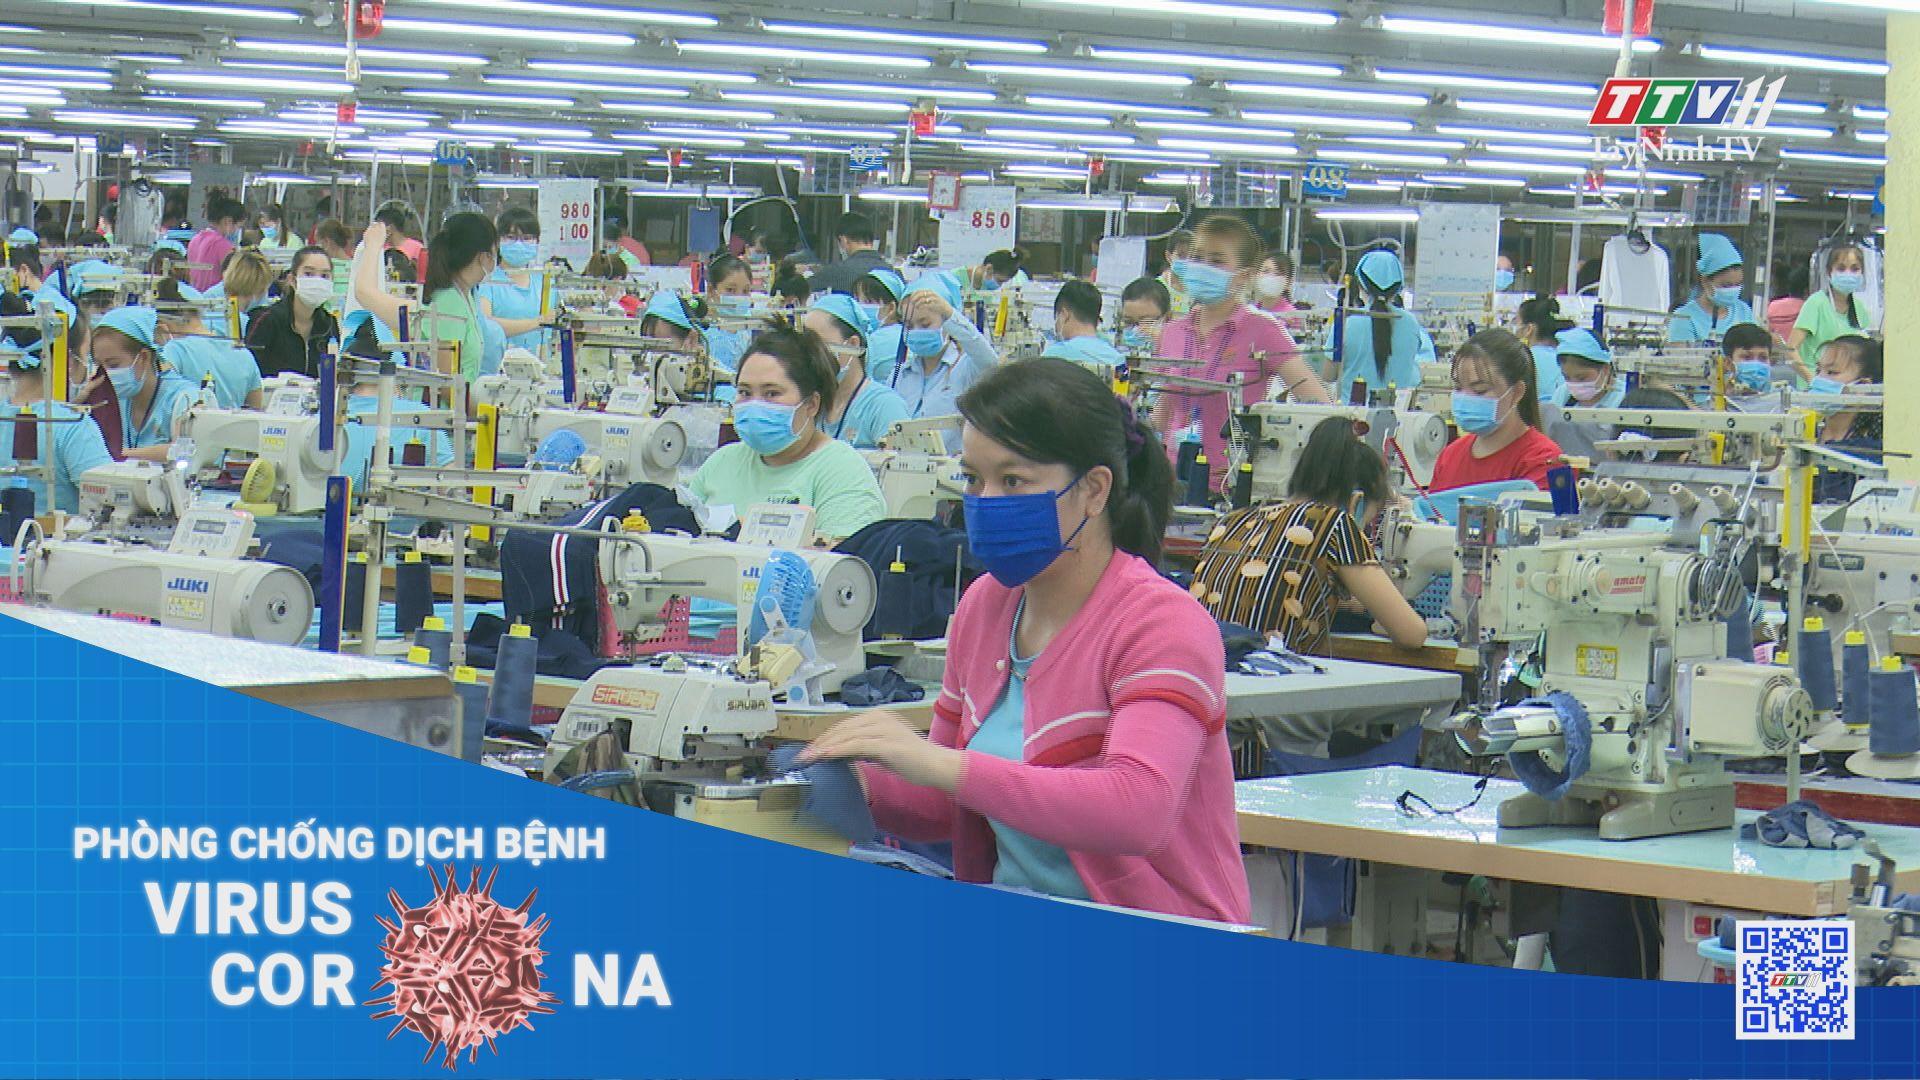 Xử lý khi có ca mắc Covid-19 trong doanh nghiệp, khu công nghiệp | THÔNG TIN DỊCH CÚM COVID-19 | TayNinhTV